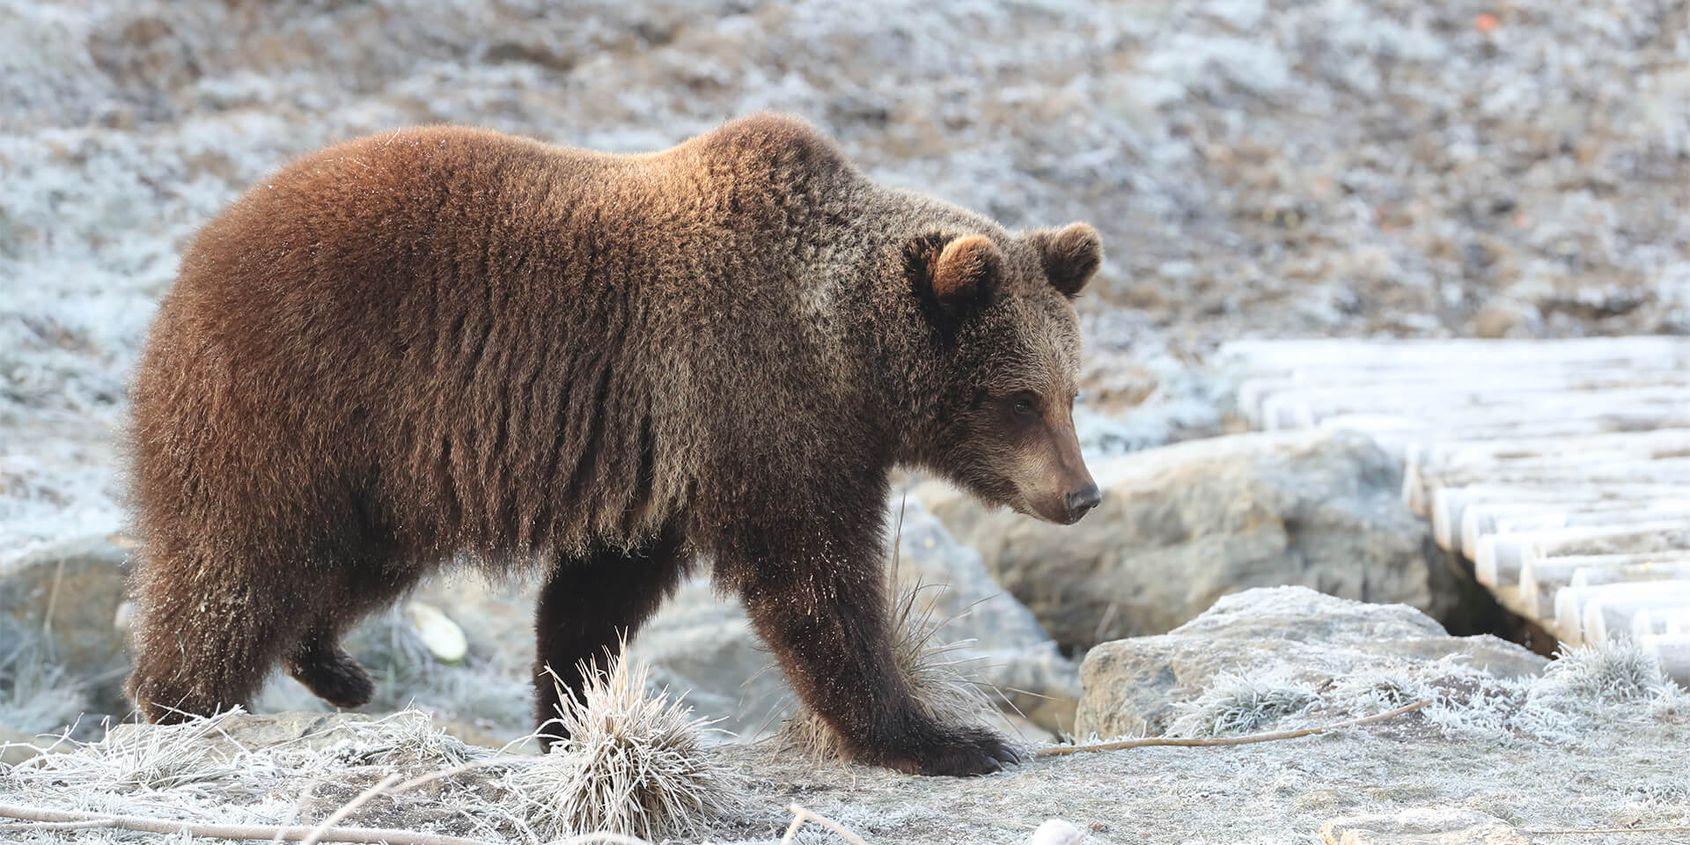 Ours brun sur sol gelé - Les animaux du Territoire Nord-Américain - ZooParc de Beauval